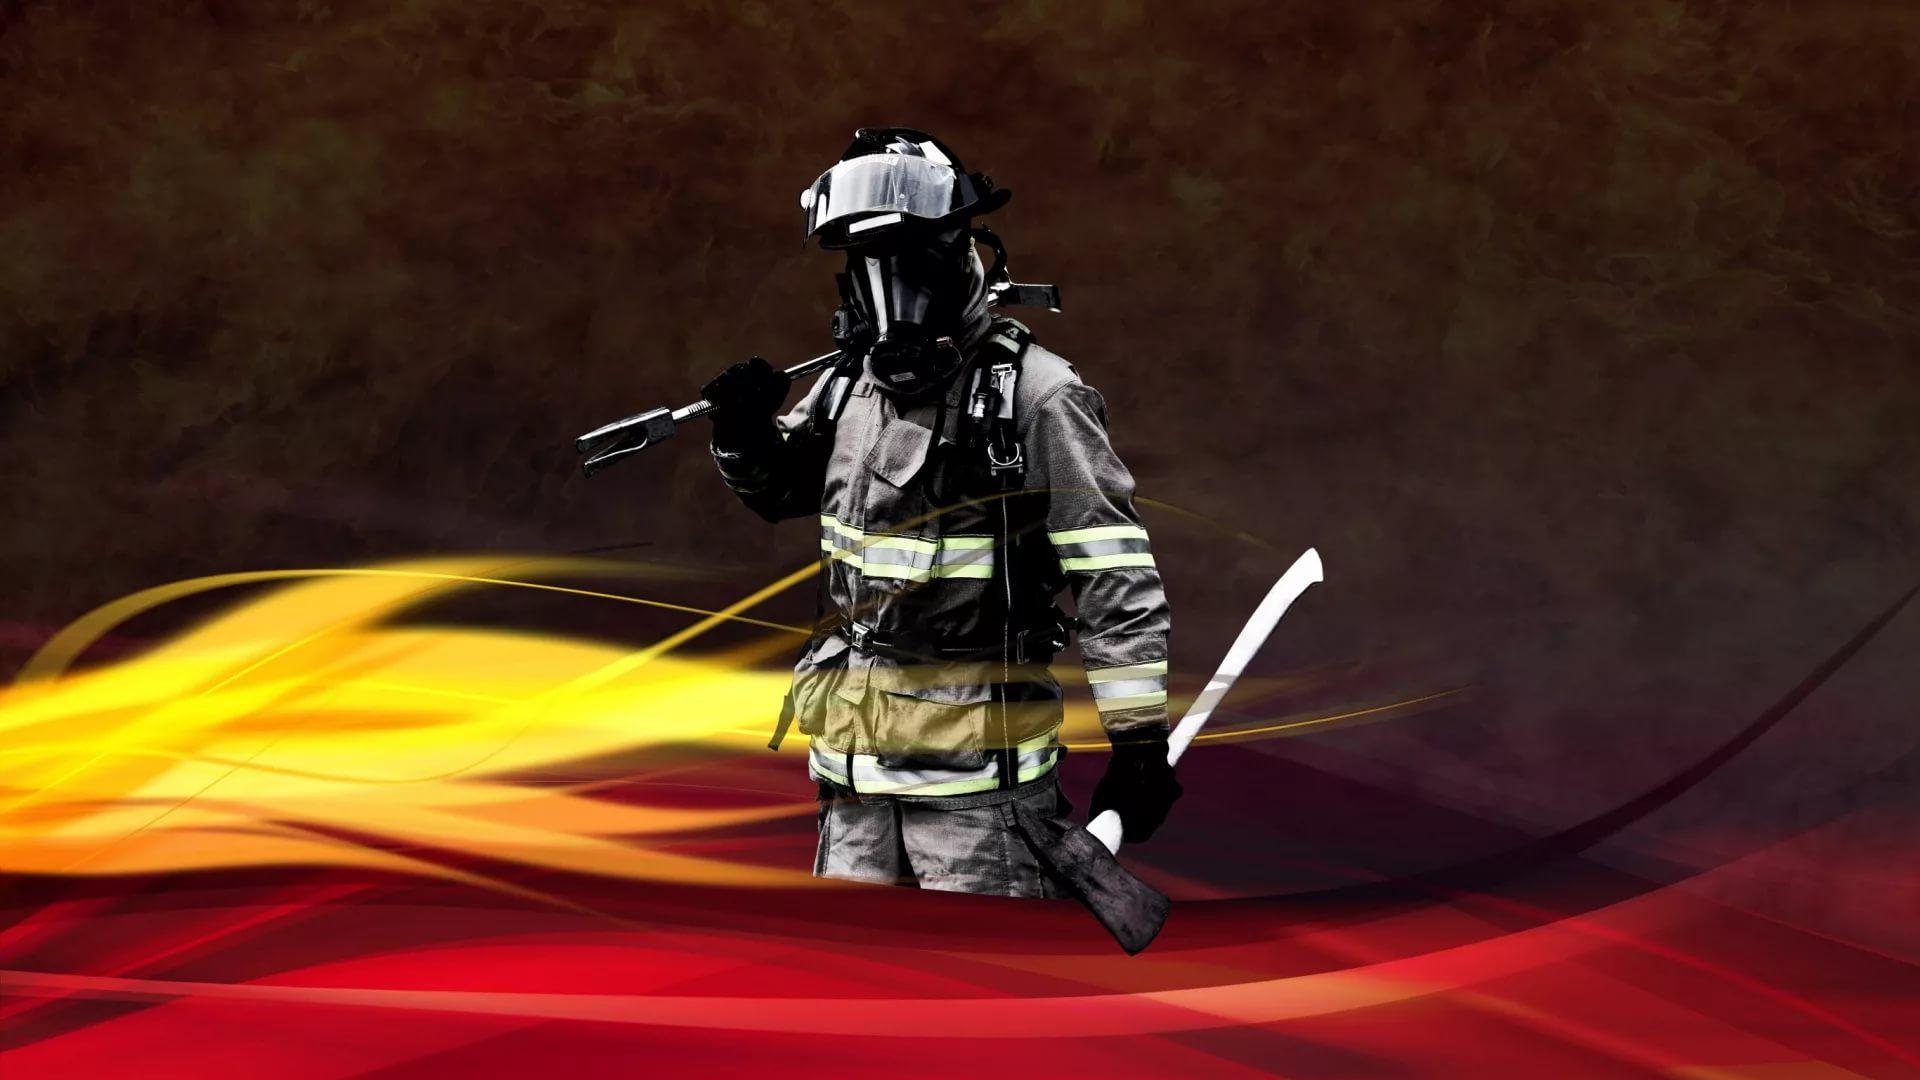 Firefighter vertical wallpaper hd